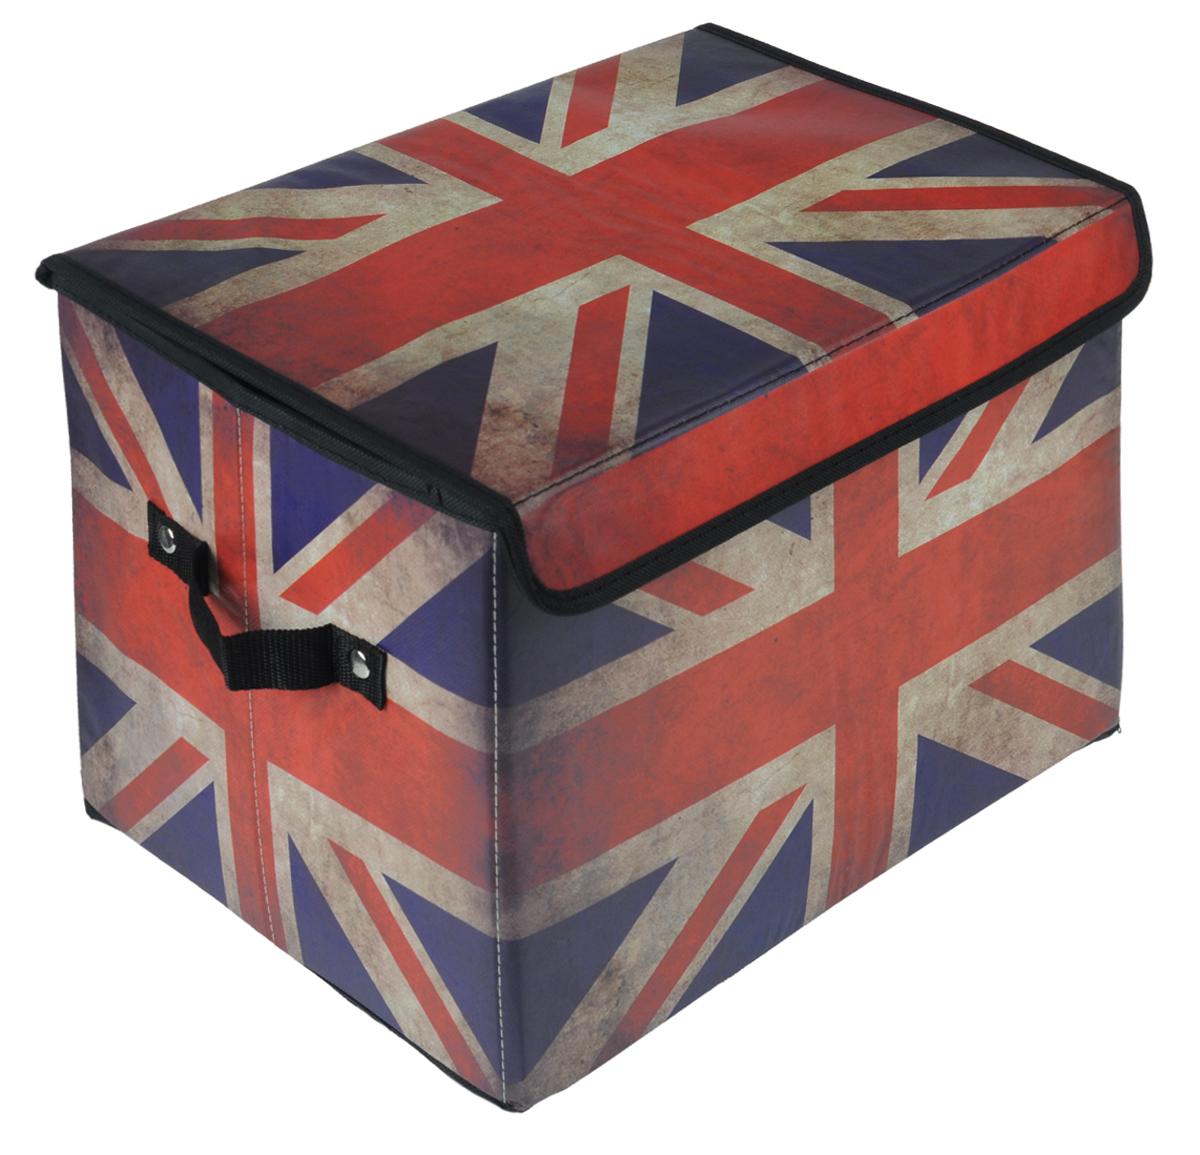 Кофр для хранения El Casa Британский флаг, складной, 39 см х 26 см х 26 см171143Складной кофр El Casa Британский флаг, выполненный из МДФ и экокожи, понравится всем ценителям оригинальных вещей. Благодаря удобной конструкции складывается и раскладывается одним движением. В сложенном виде изделие занимает минимум места, его легко хранить и перевозить. В таком кофре можно хранить всевозможные предметы: книги, игрушки, рукоделие. Яркий дизайн привнесет в ваш интерьер неповторимый шарм.Размер кофра (в собранном виде): 39 см х 26 см х 26 см.